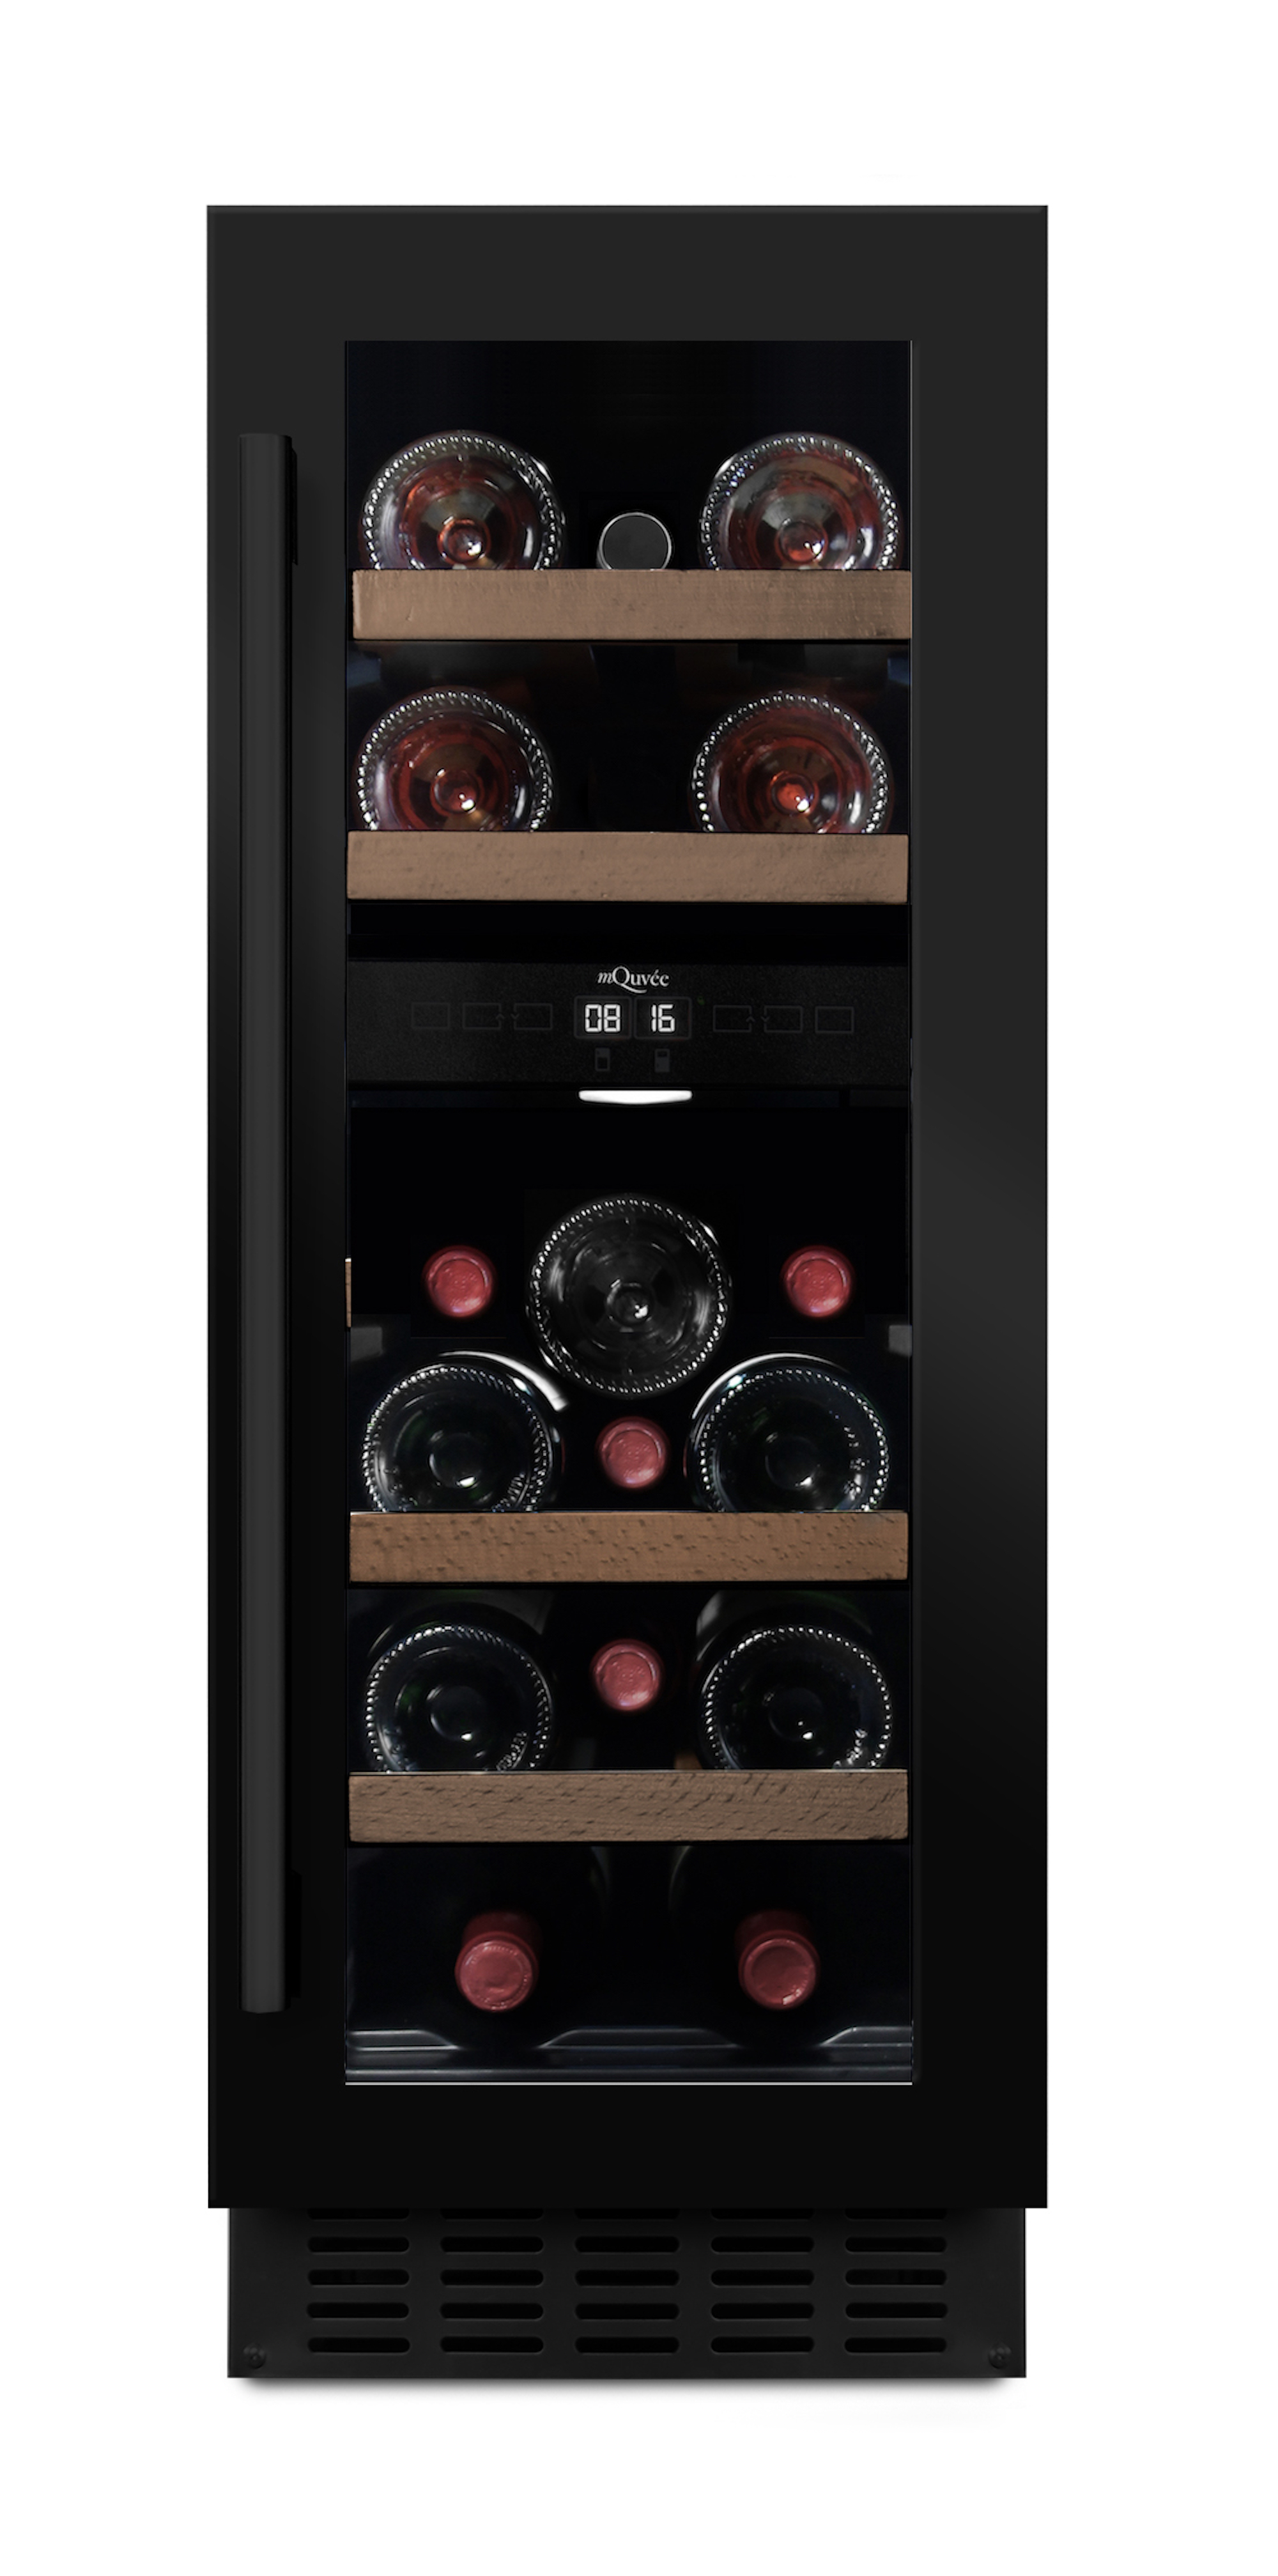 Inbyggbar svart vinkyl från mQuvee - plats för 16 flaskor